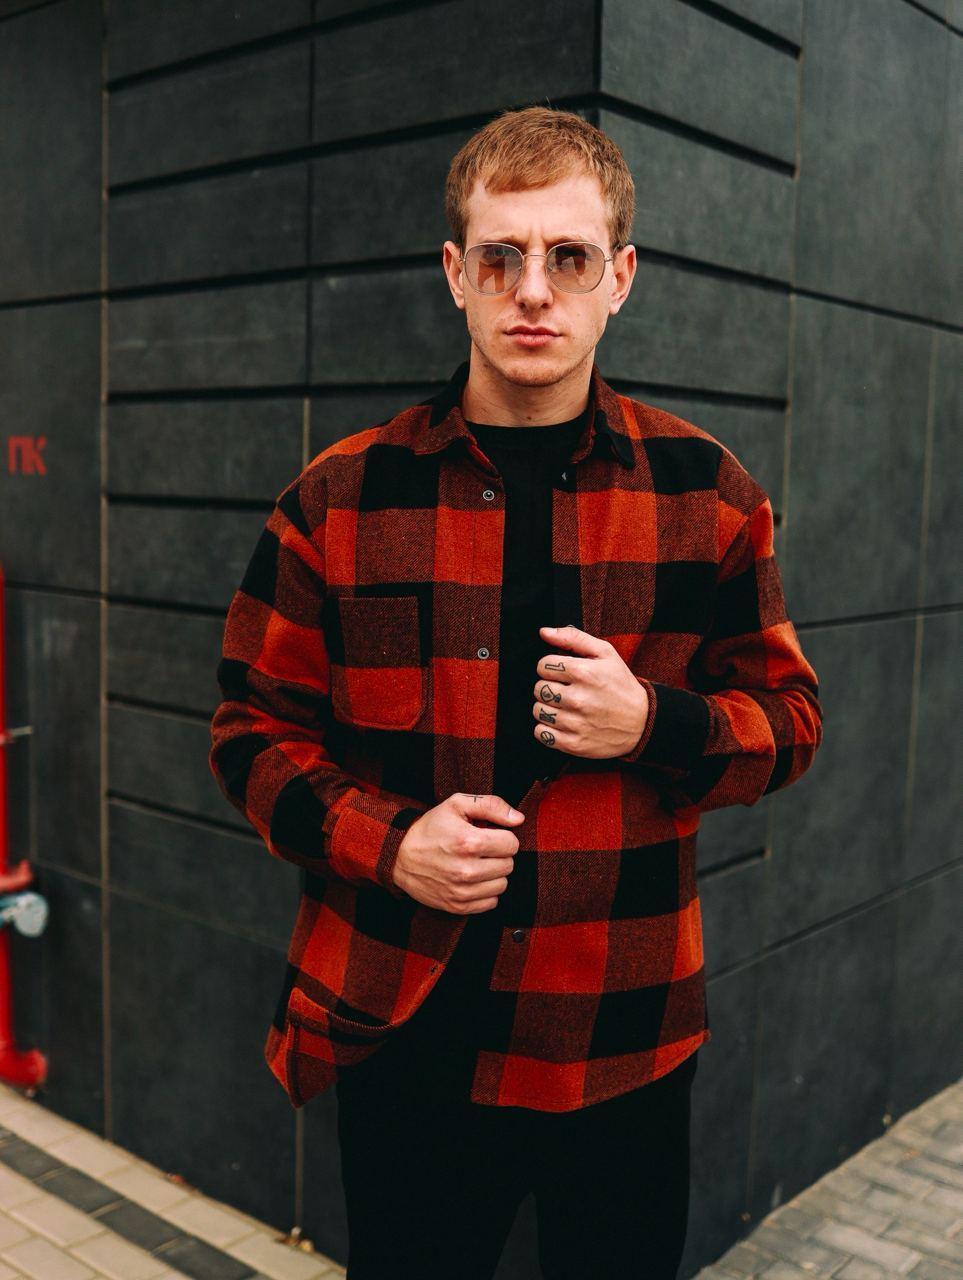 Мужская рубашка Оверсайз теплая в клетку красная. Стильная мужская теплая рубашка красного цвета.